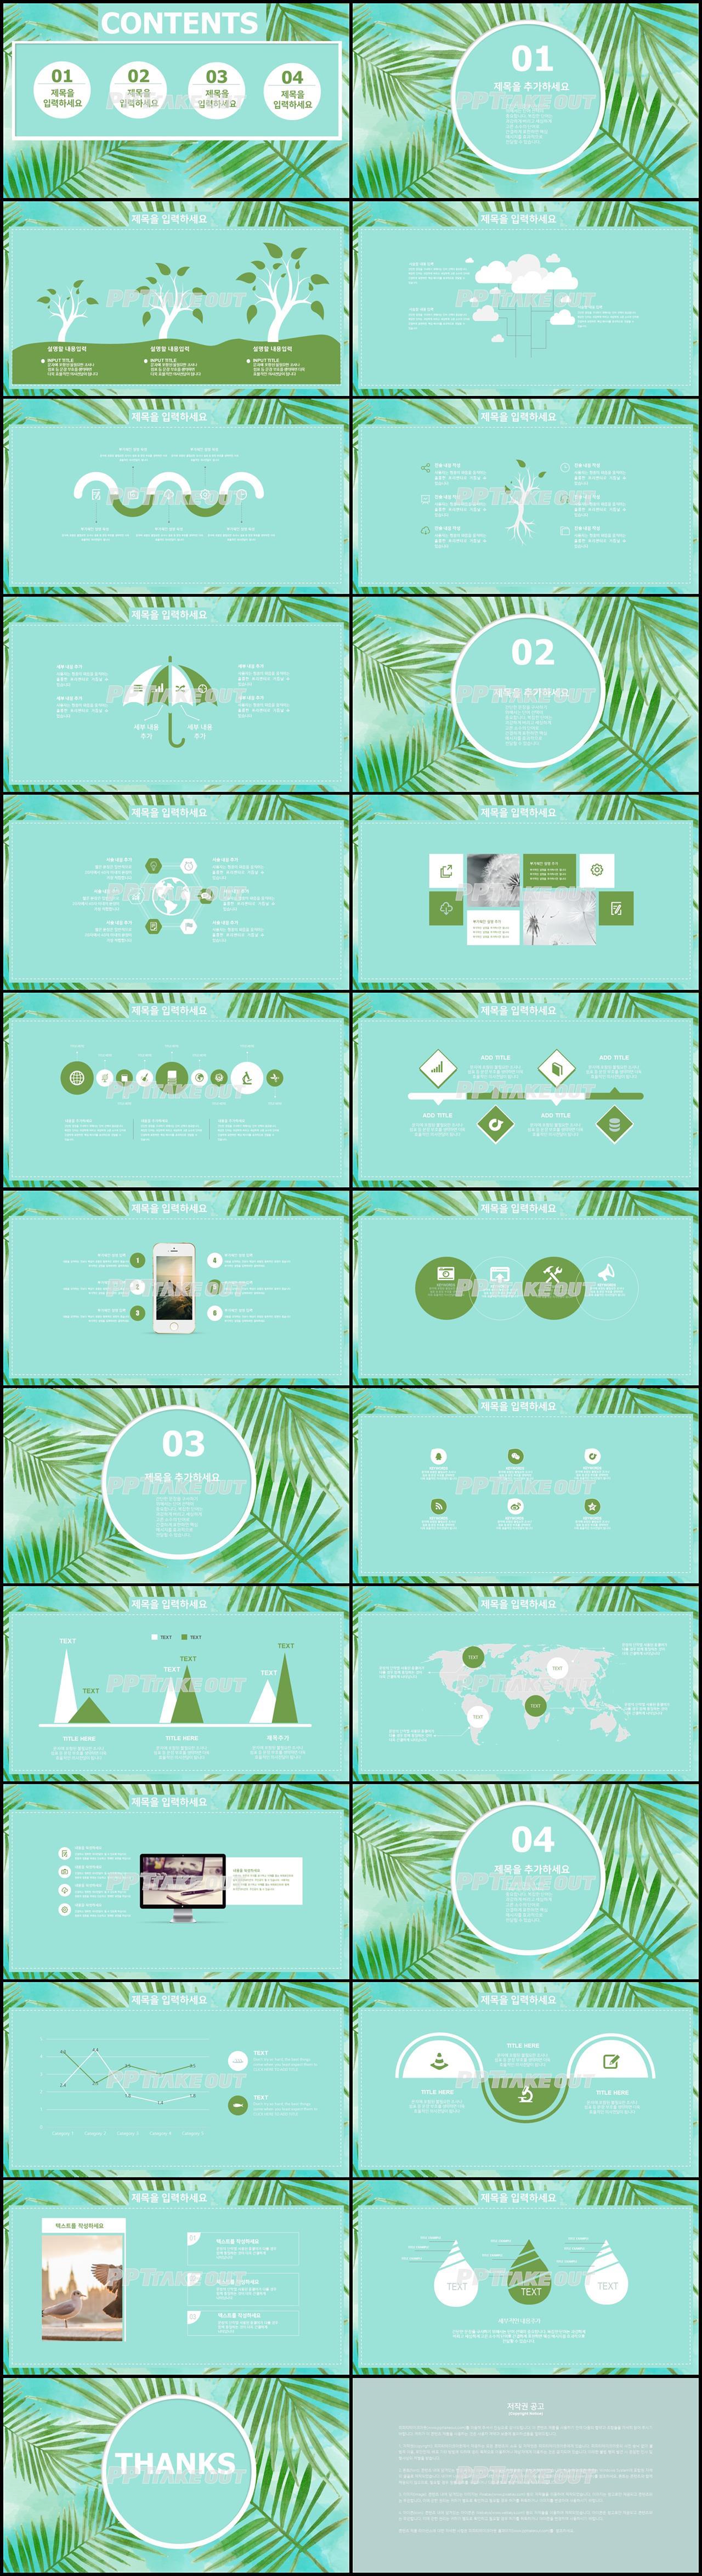 꽃과 동식물 주제 초록색 수채화 고급스럽운 PPT양식 사이트 상세보기